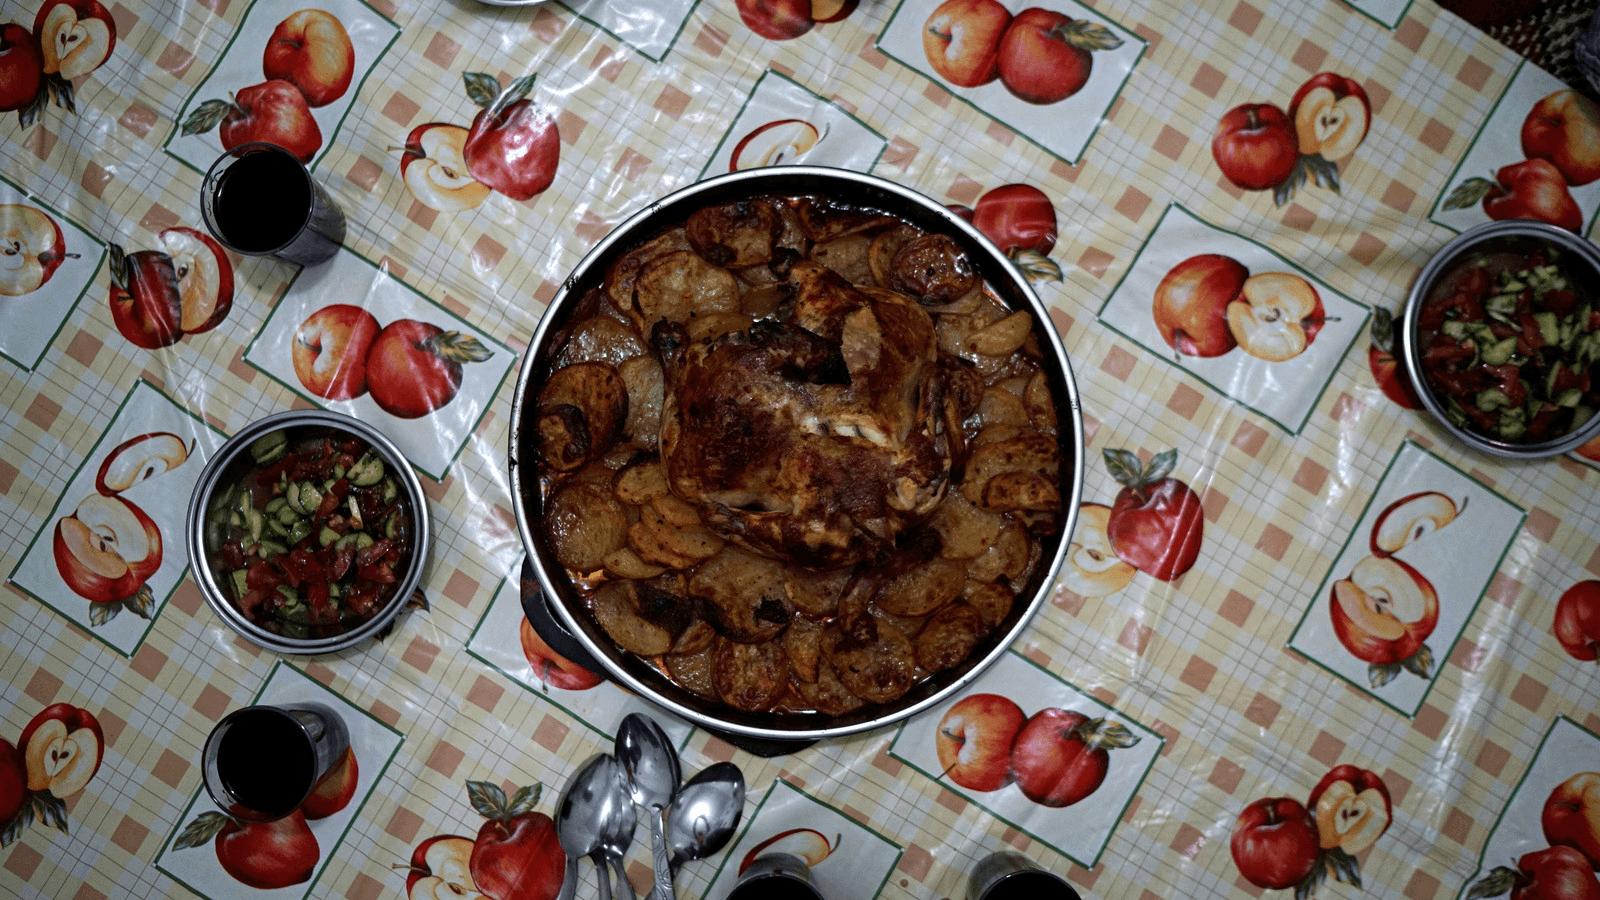 syrian food served in turkey